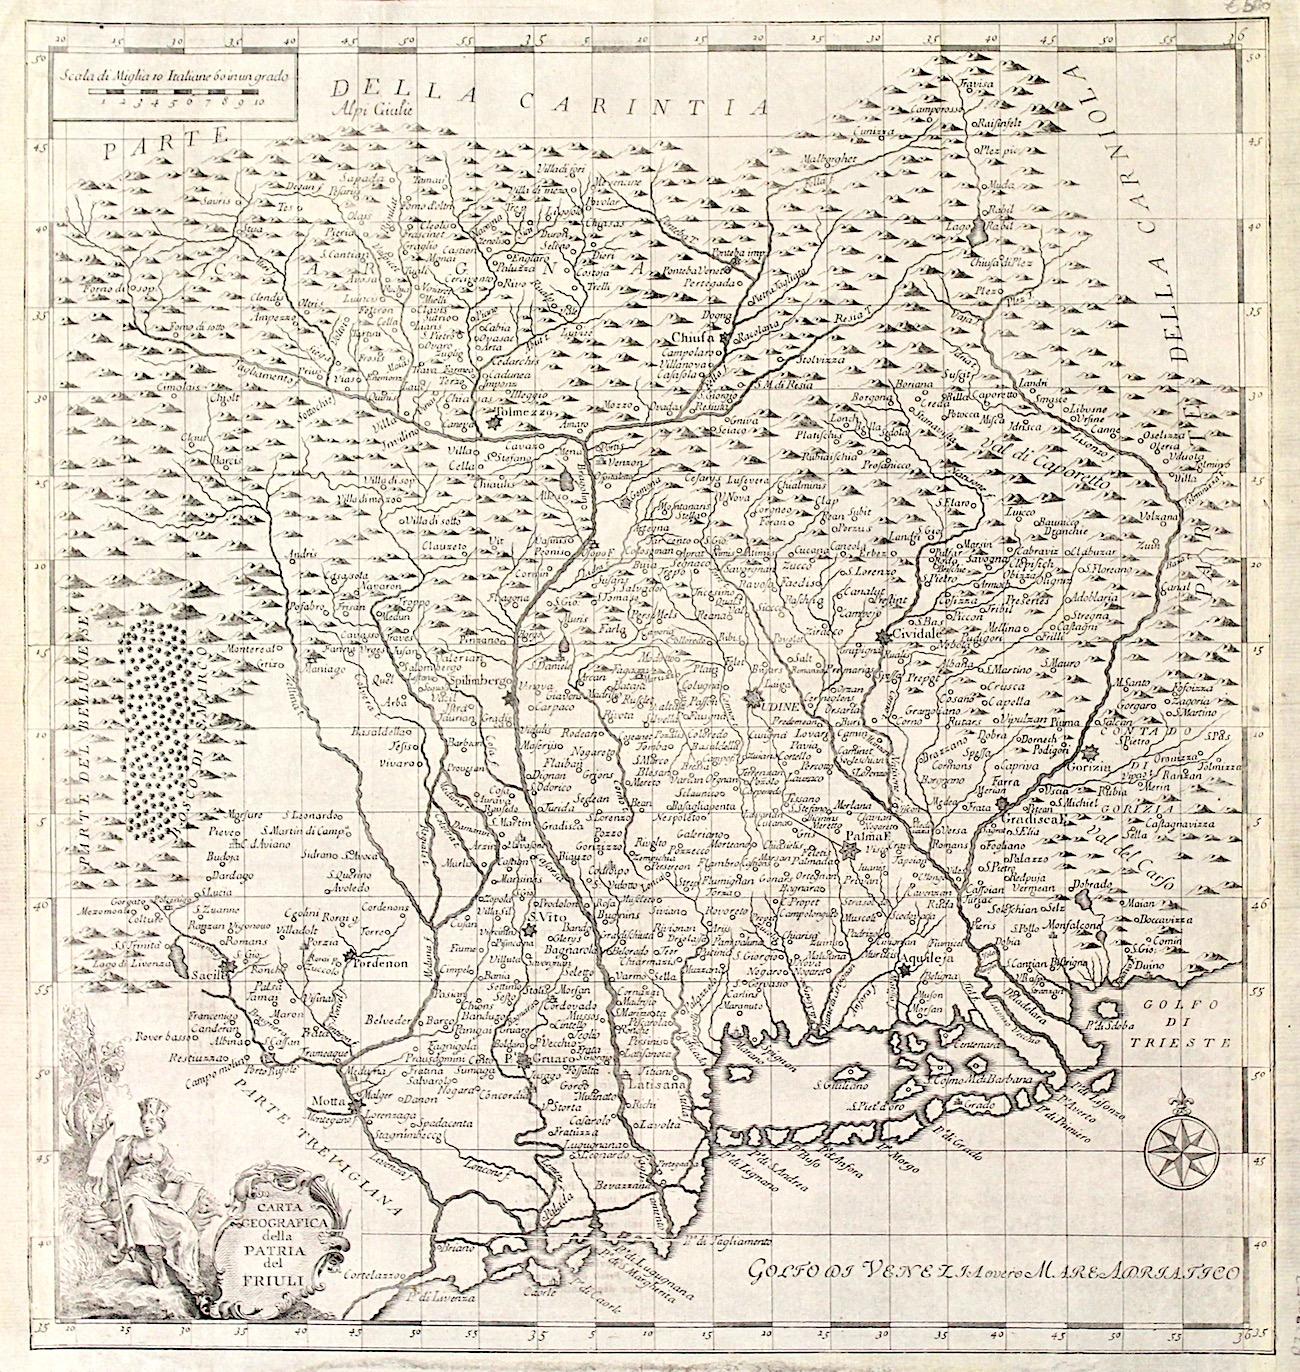 Cartina Geografica Friuli.Salmon Tommaso Carta Geografica Della Patria Del Friuli